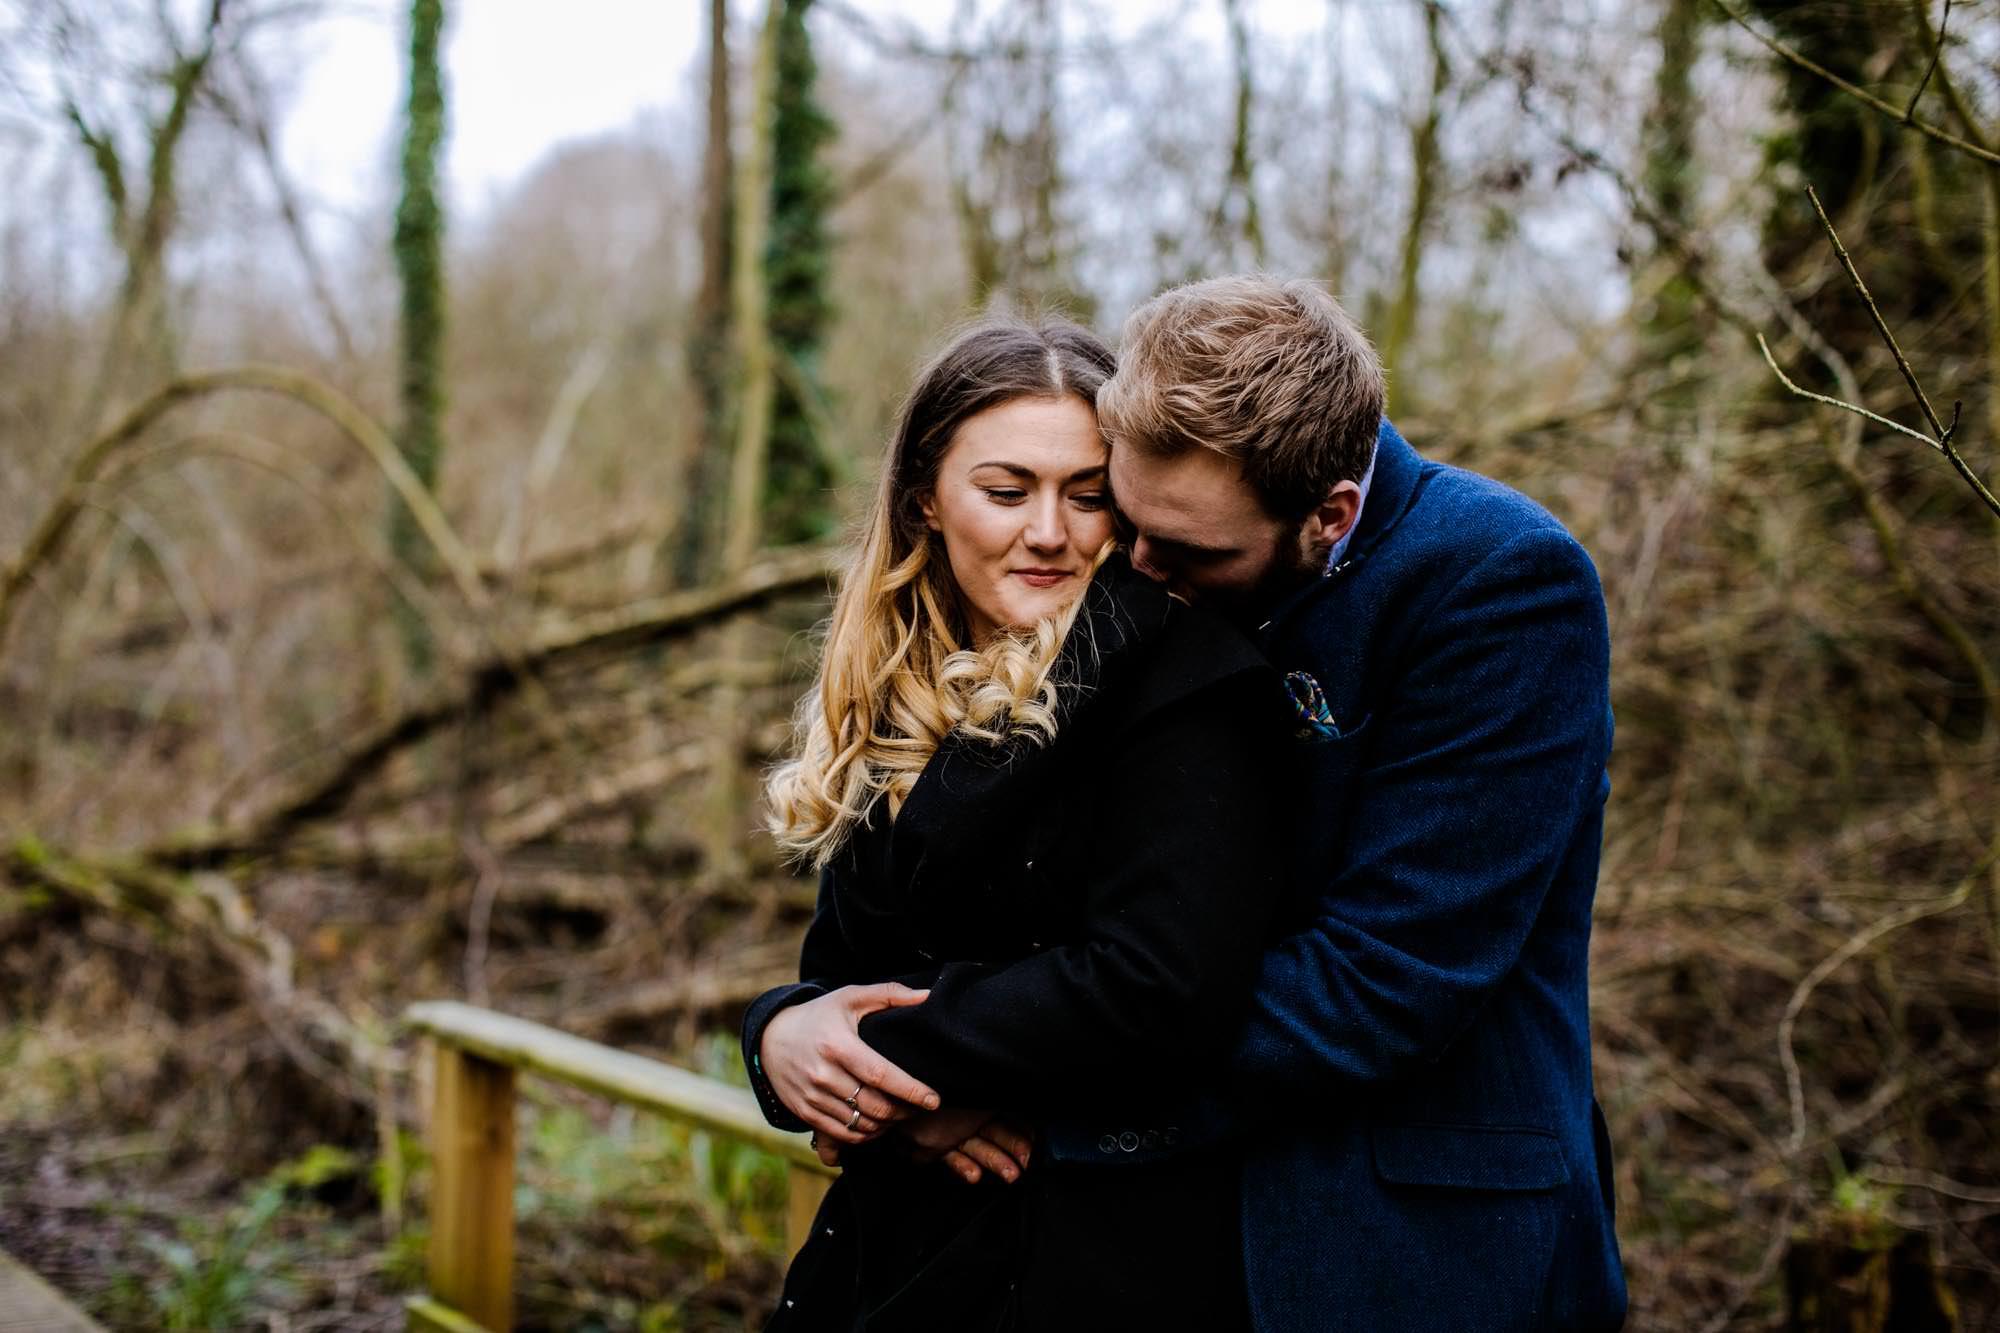 Engagement Photos Fletcher Moss